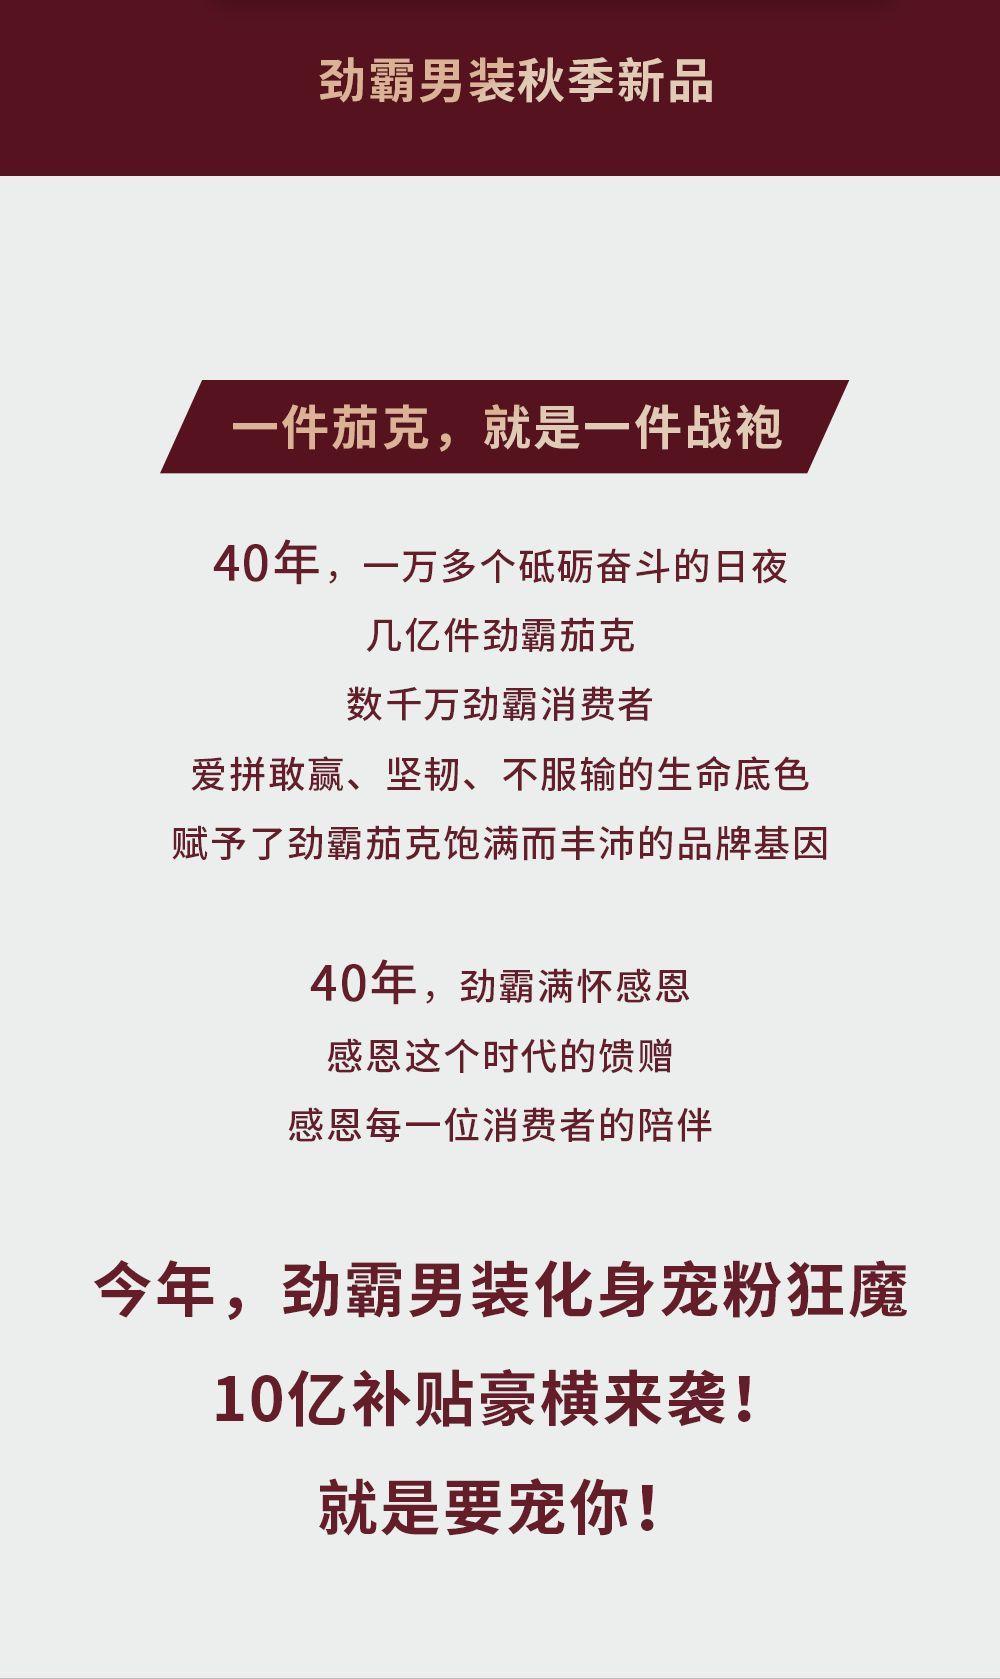 大事件|劲霸男装开启40周年大庆,10亿补贴豪横宠粉,错过等十年!(图5)